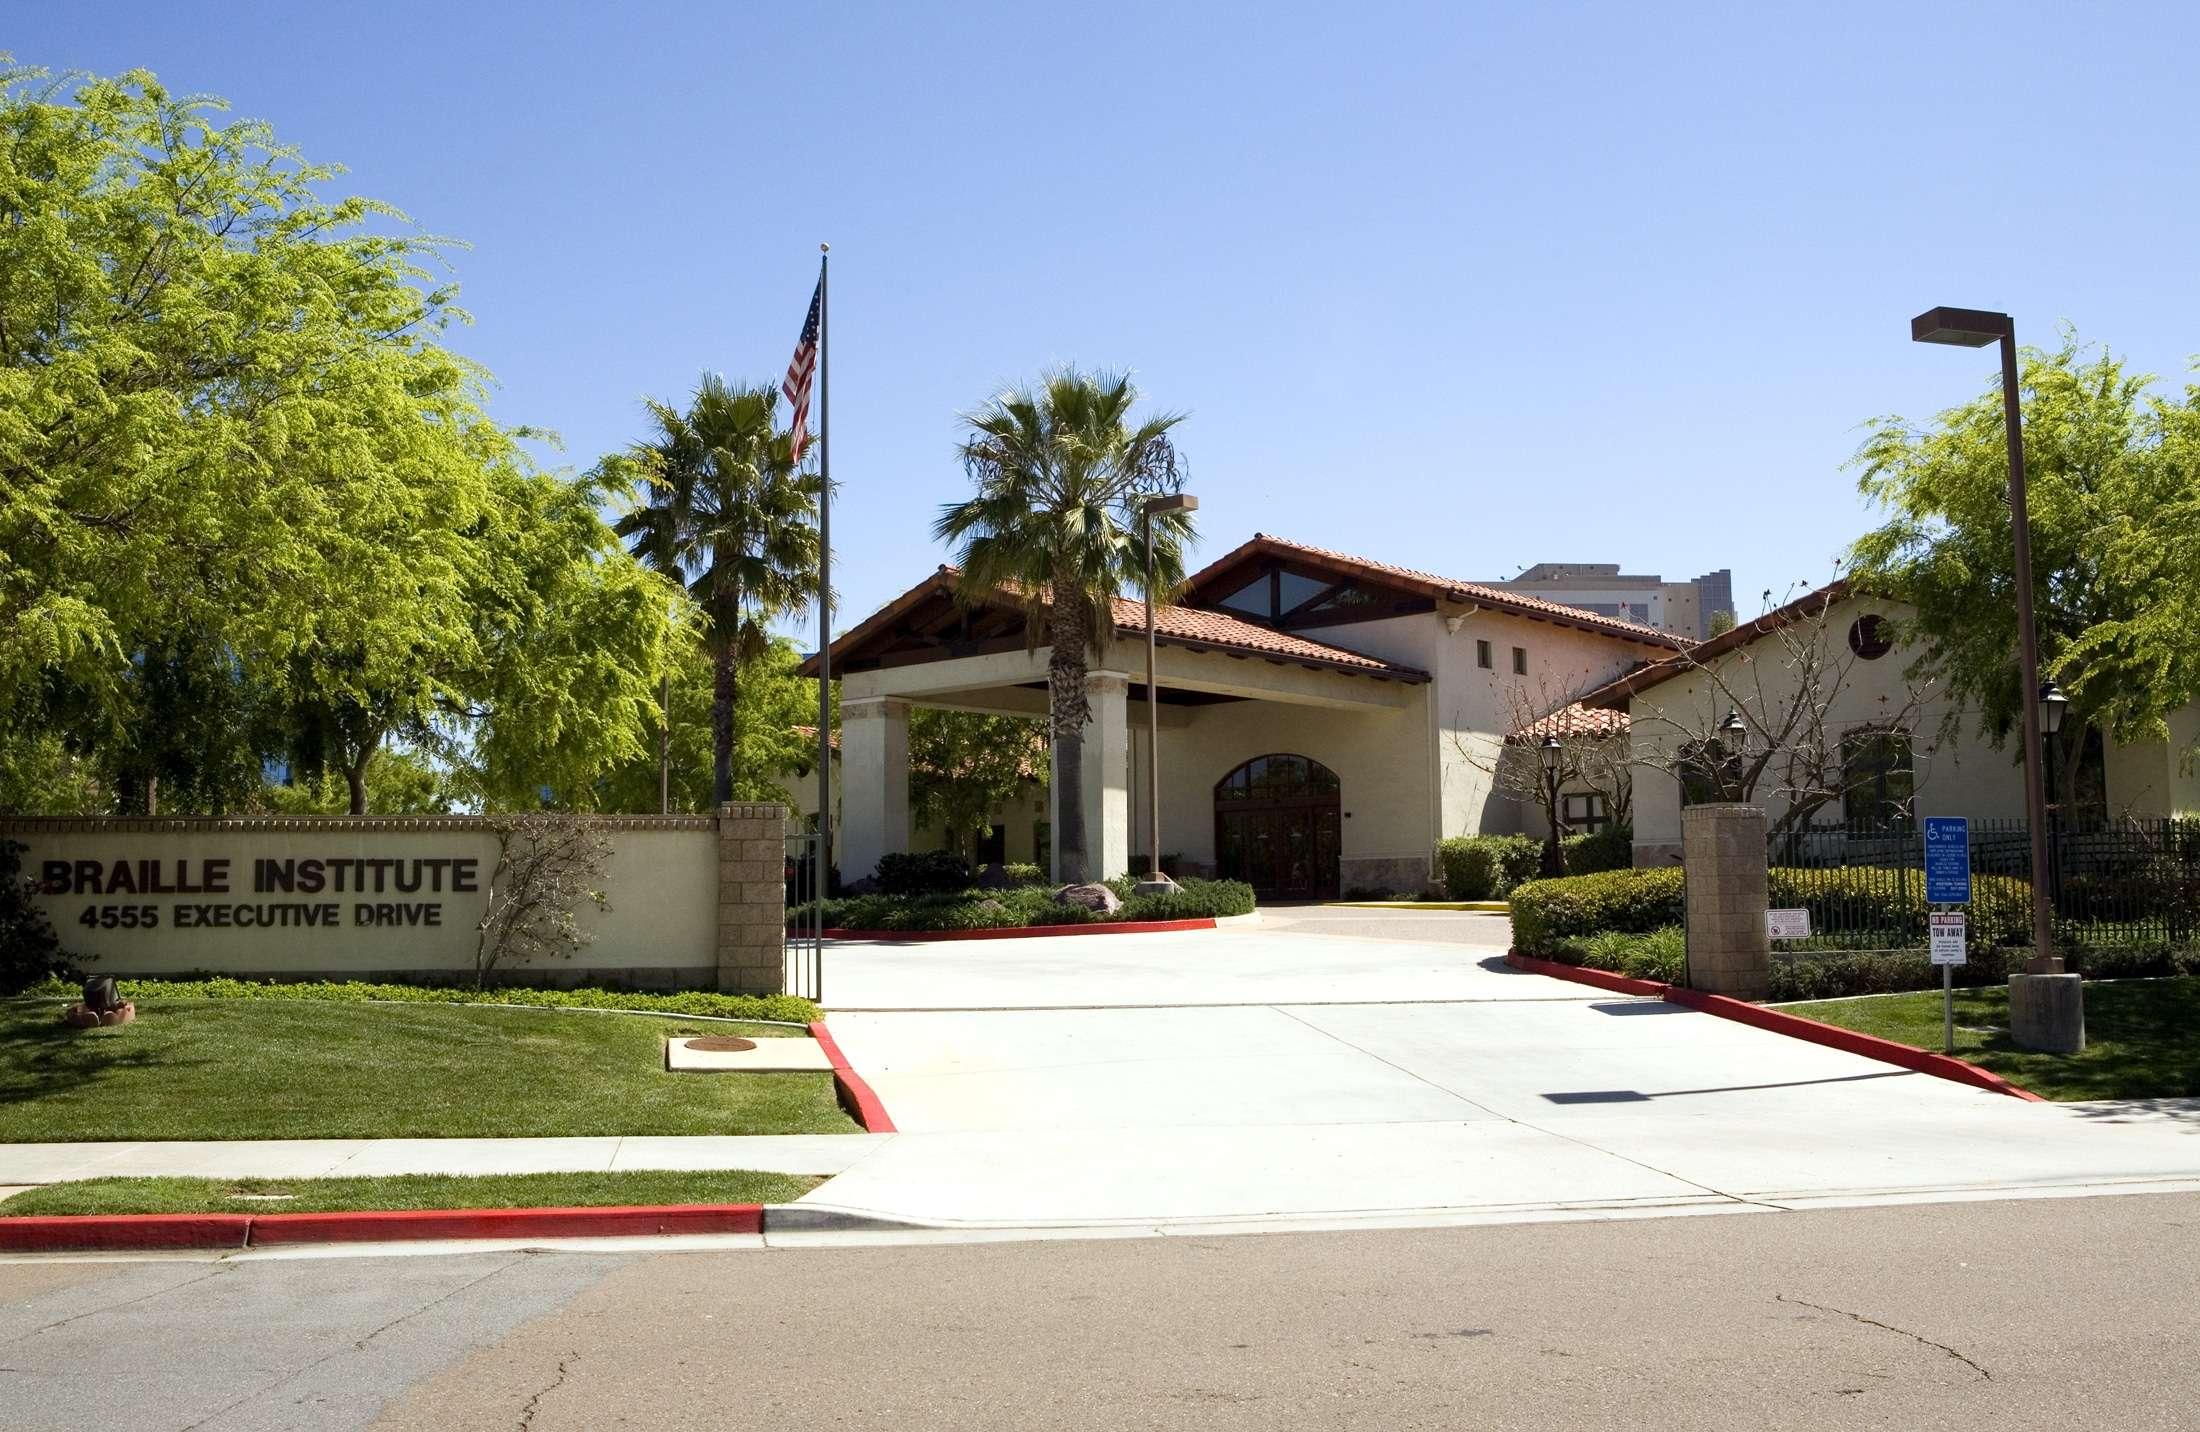 The Braille Institute San Diego Regional Center